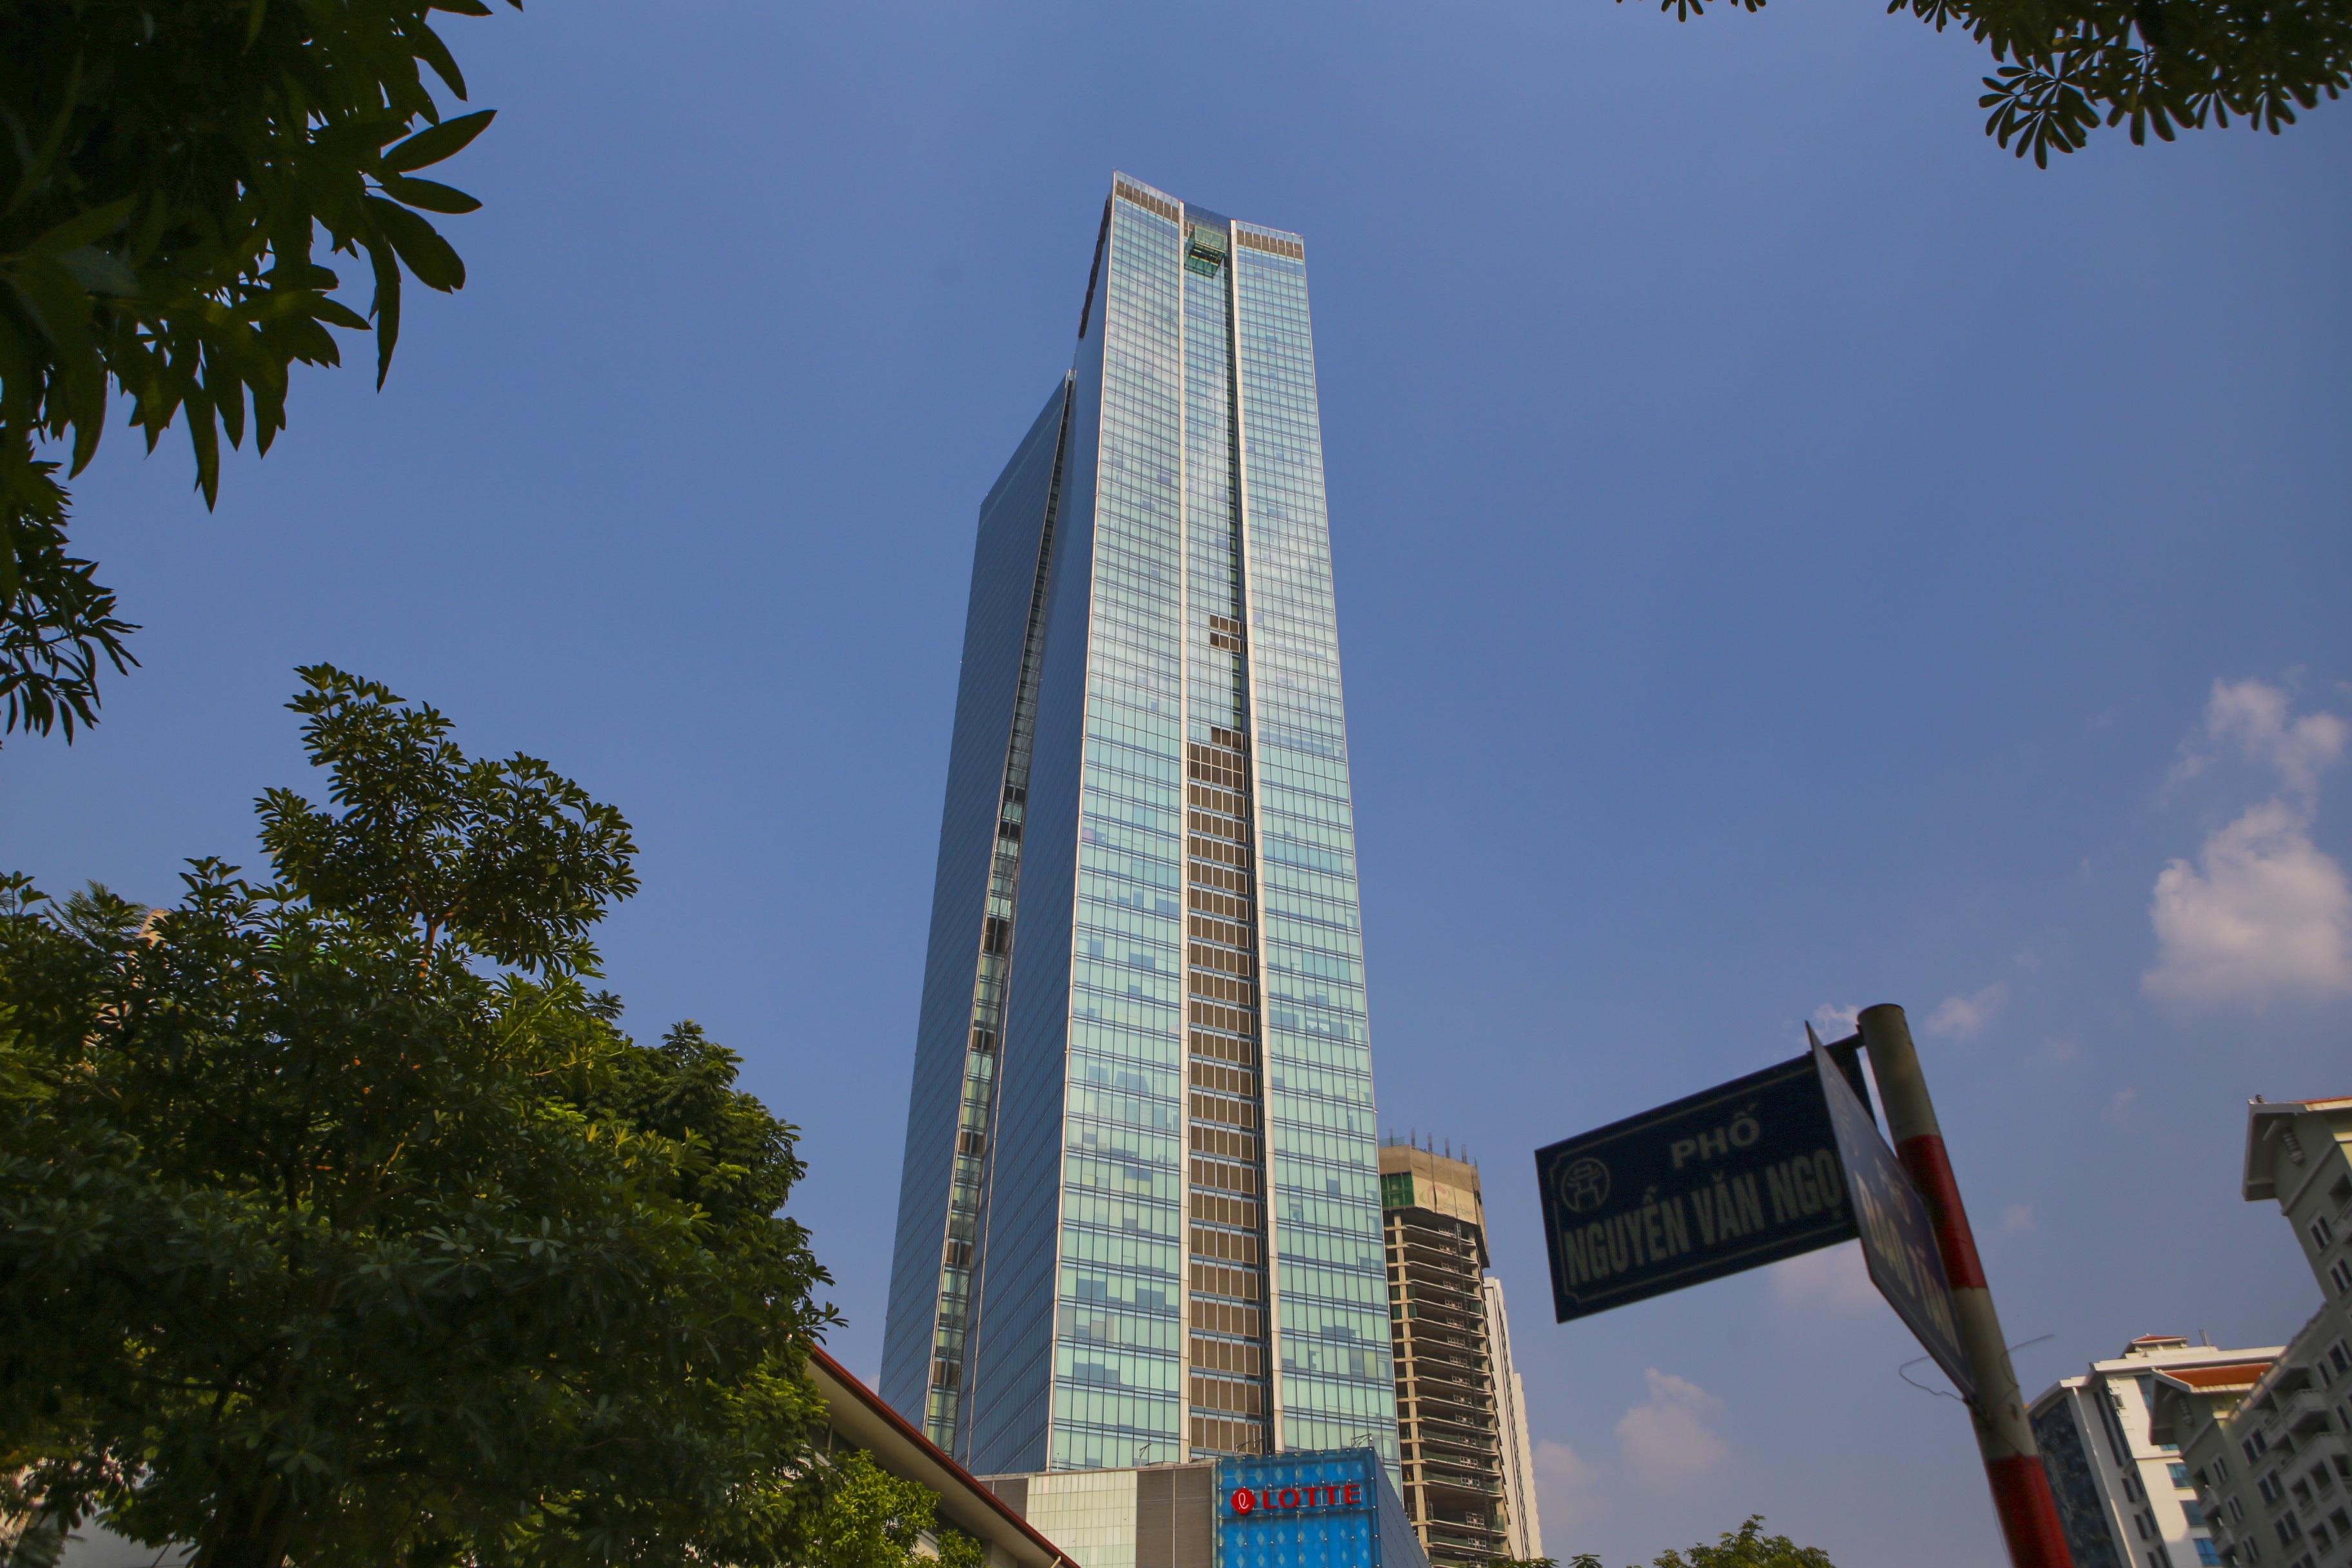 Những hình ảnh của 4 tòa nhà cao nhất Hà Nội nhìn từ trên cao - 8